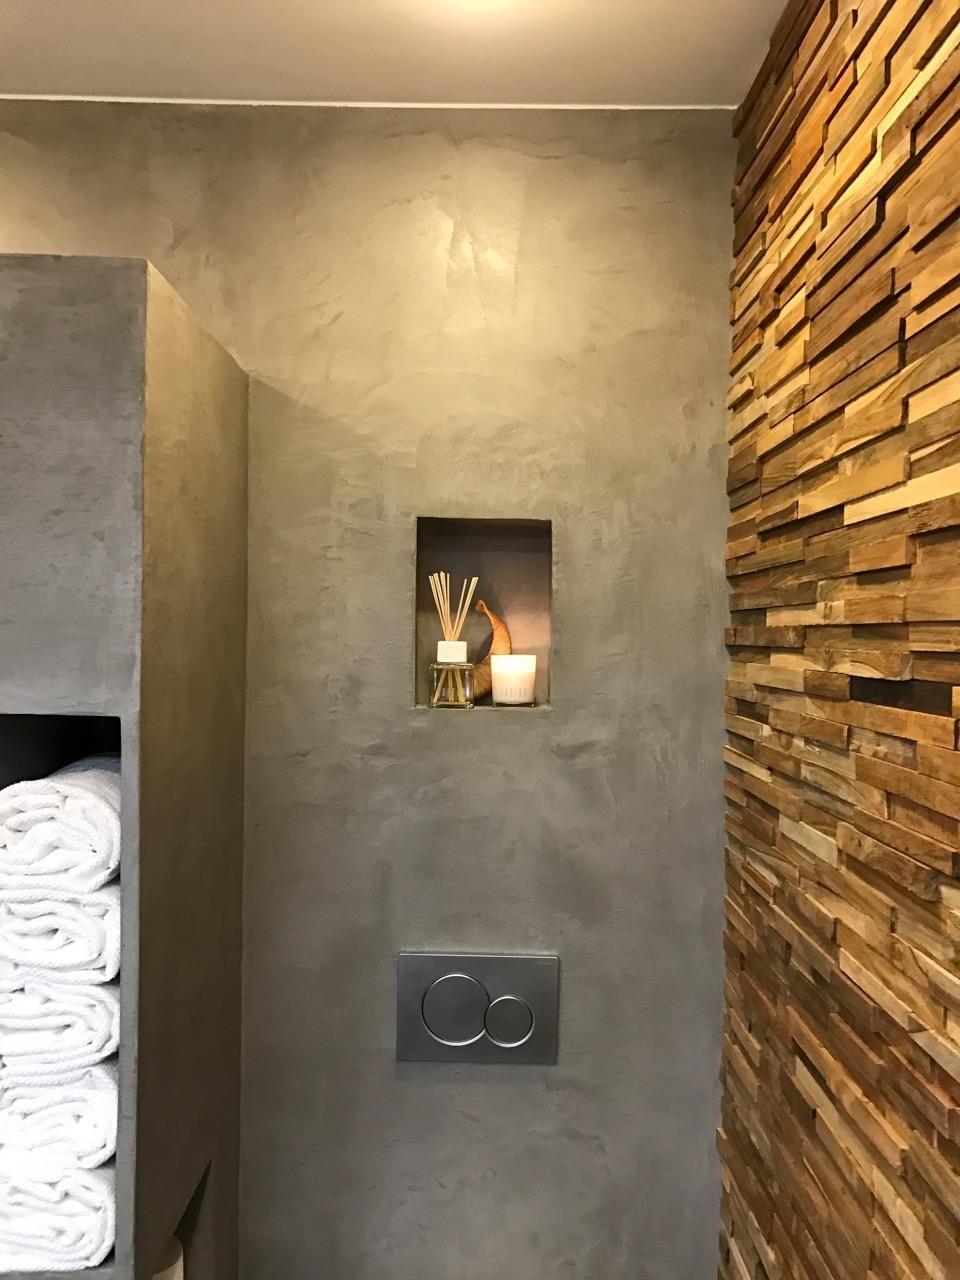 Hotel-chique badkamer (deel 2) - Eigen Huis en Tuin | Badkamer ...